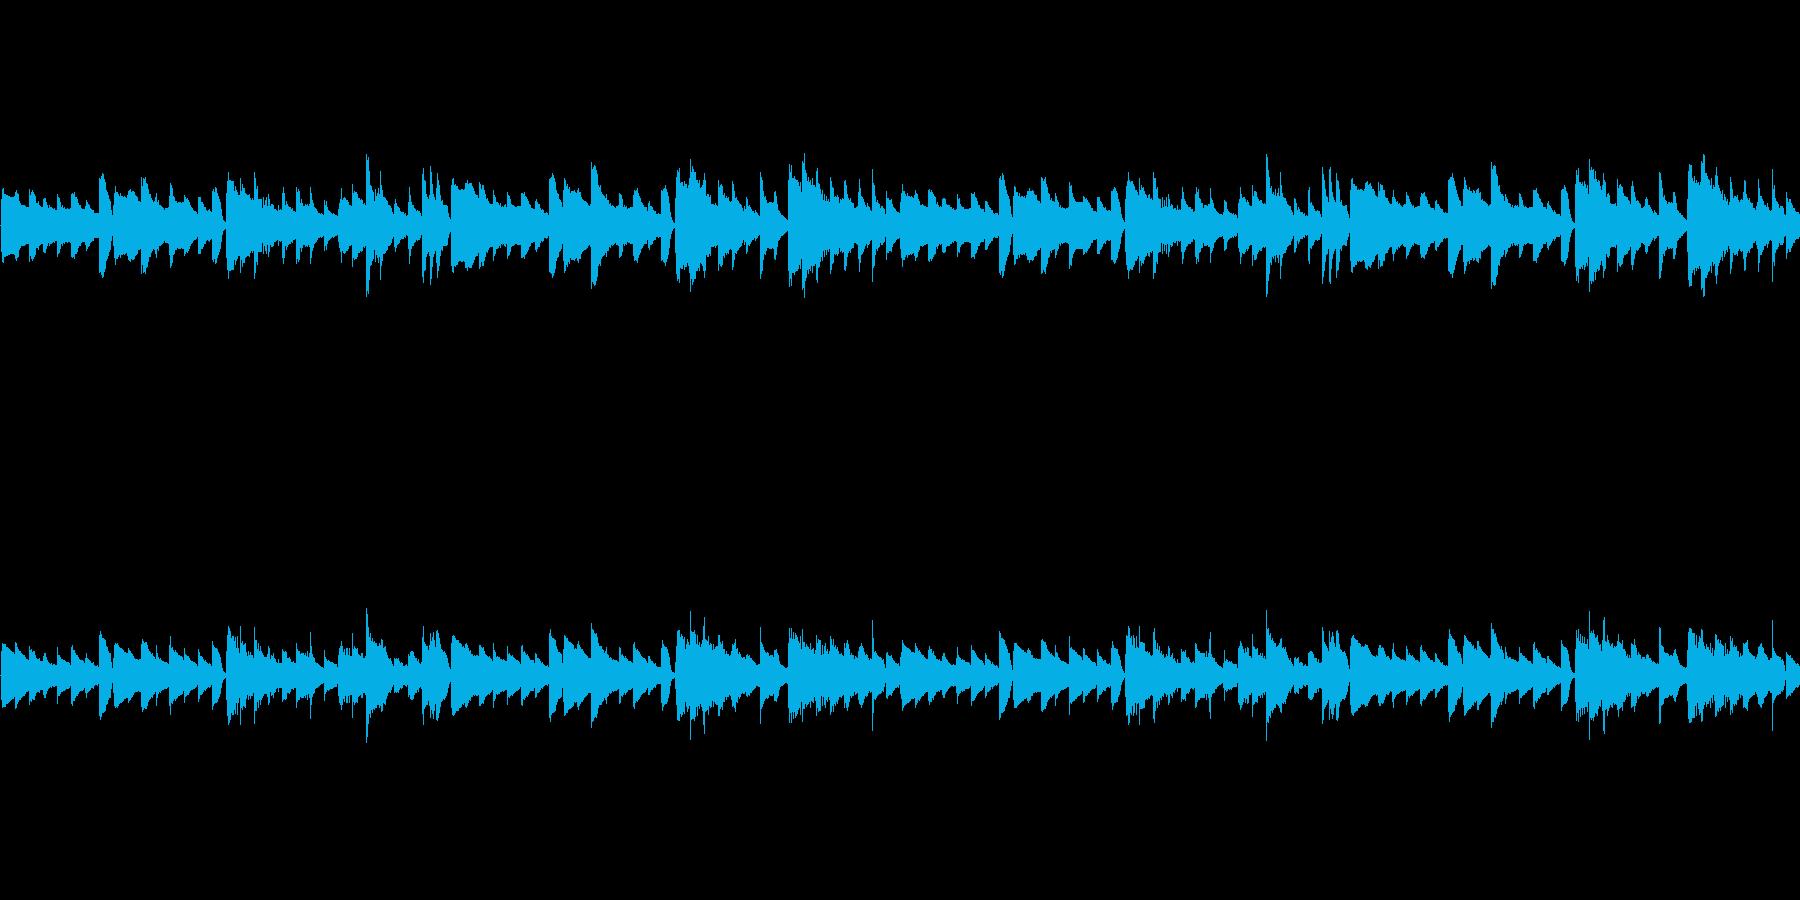 ピアノループ/ダーク/ビートサンプル#3の再生済みの波形